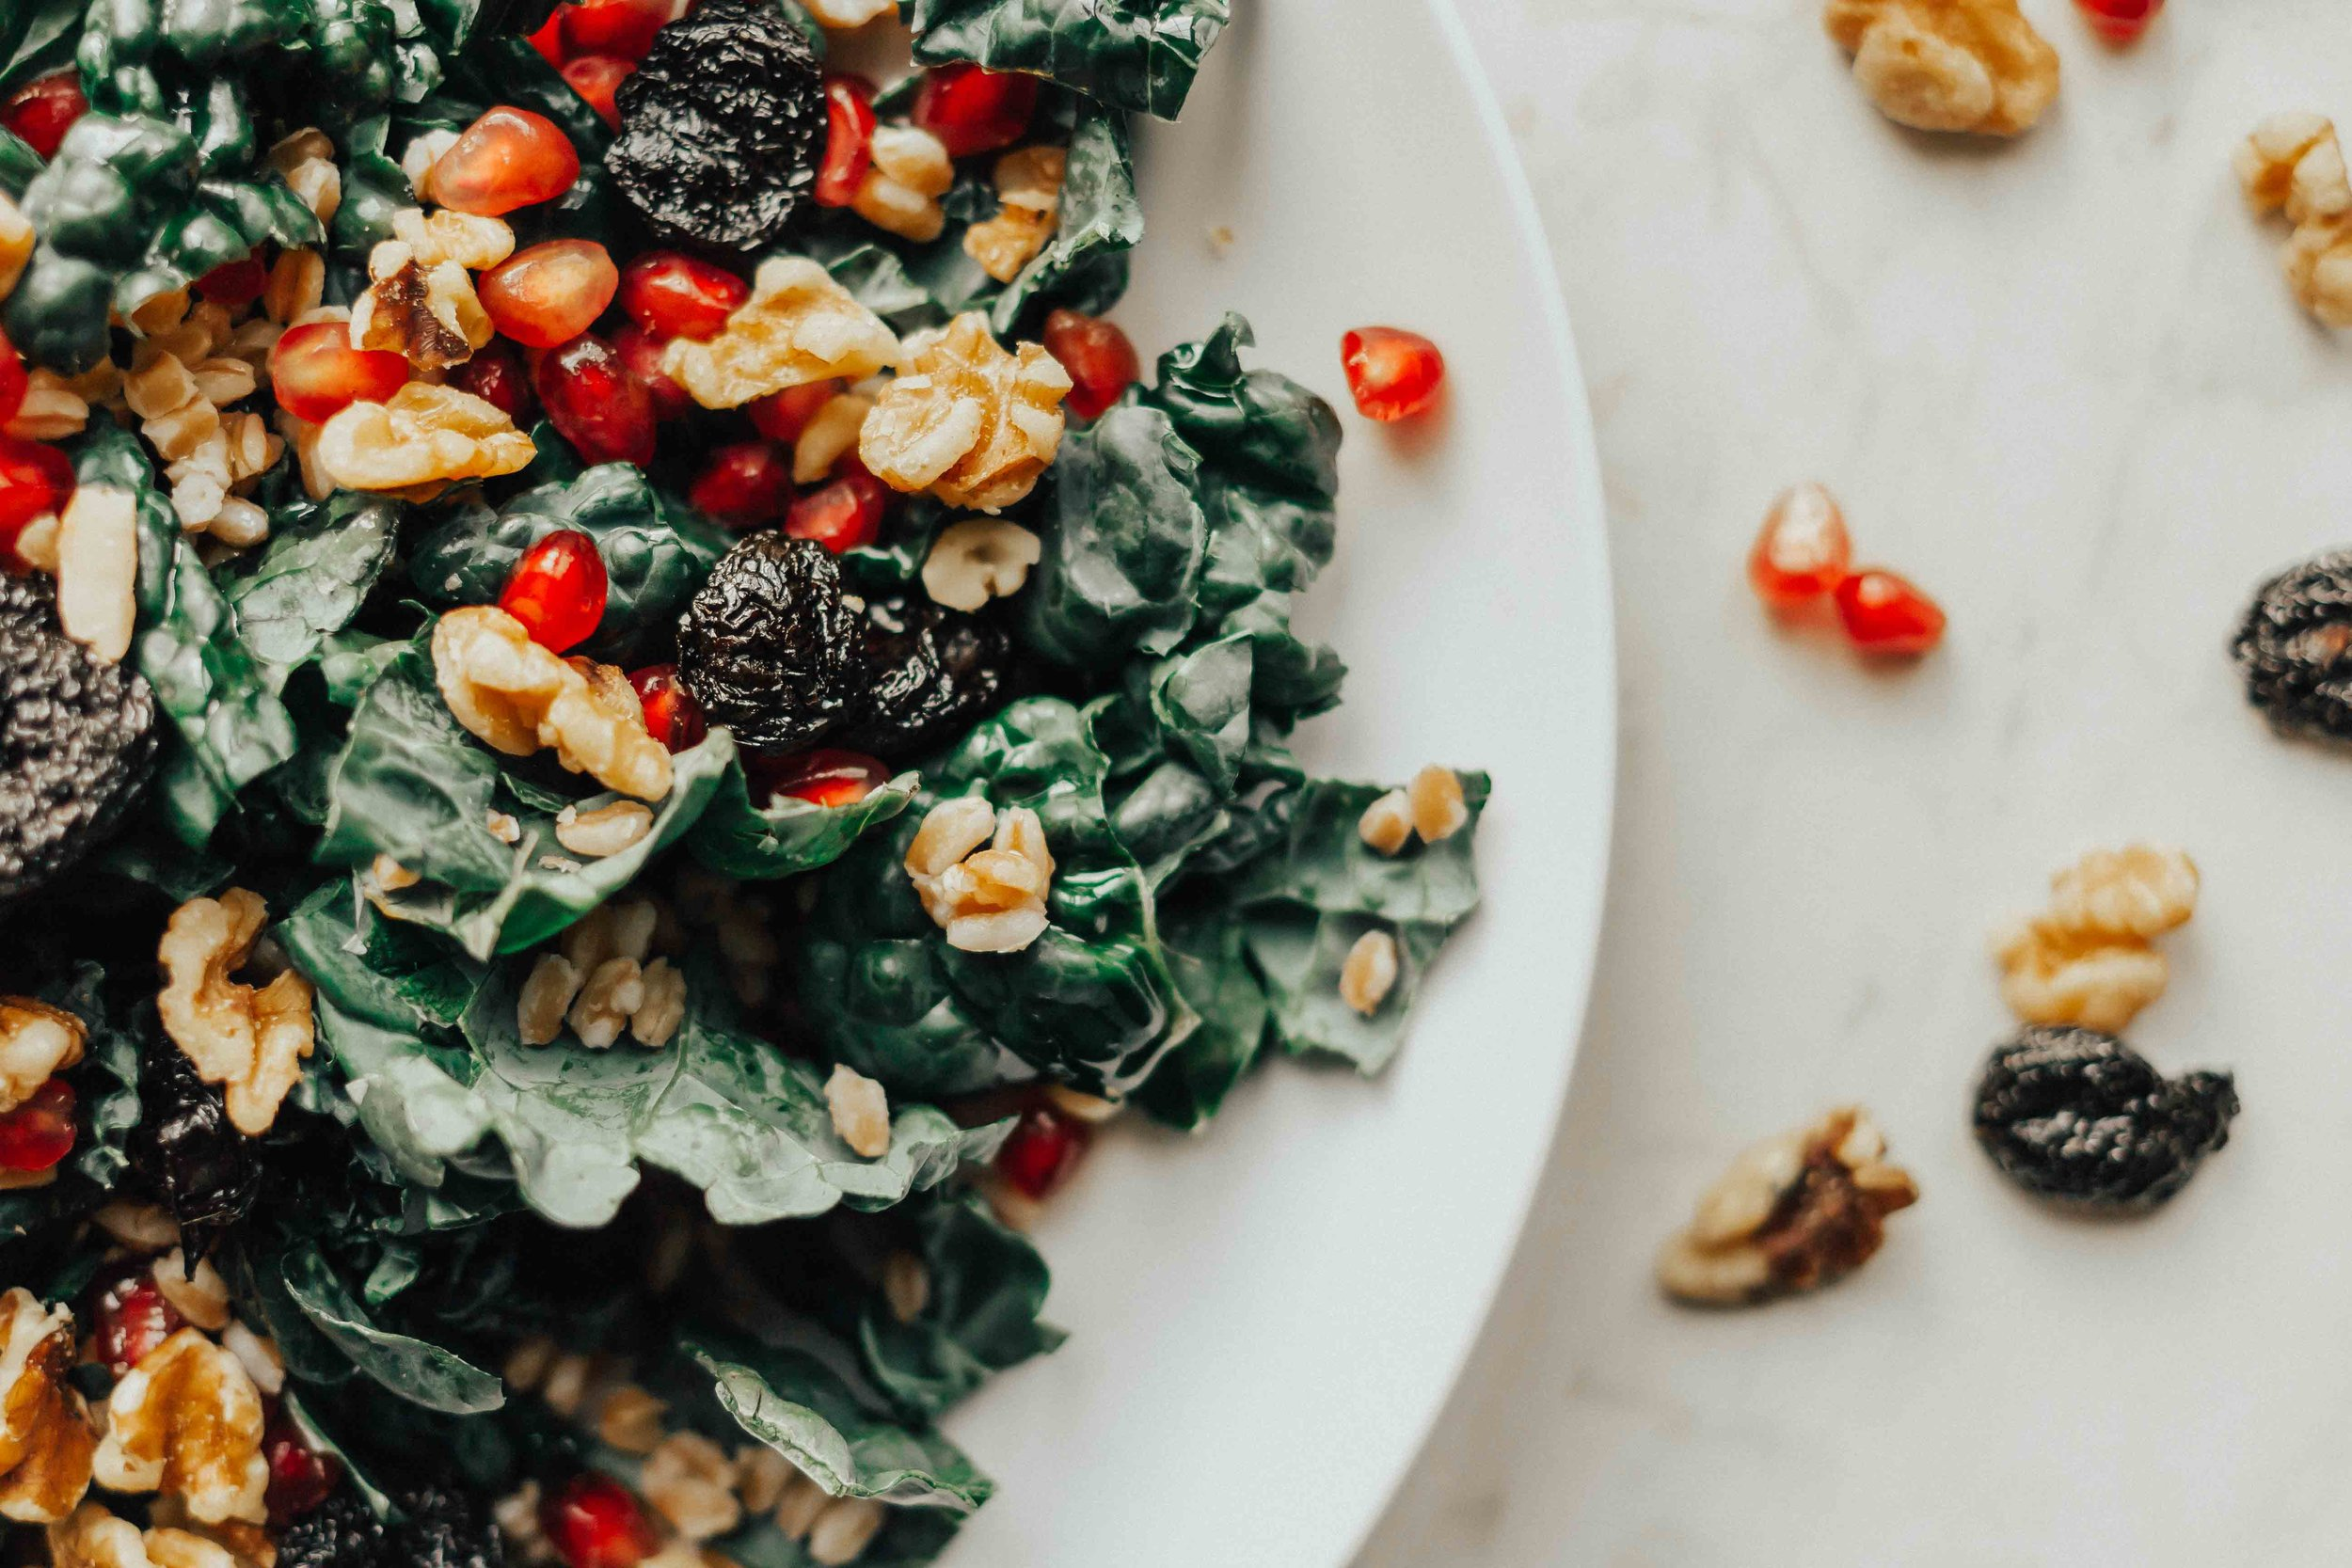 Recipes - Kale Salad - Farro Salad- Vegan Recipes - Dinner Recipes - Kale Salad Recipes -Kale Salad Recipes Easy - Kale Salad Recipes Healthy #heartandseam #kalesalad  www.heartandseam.com